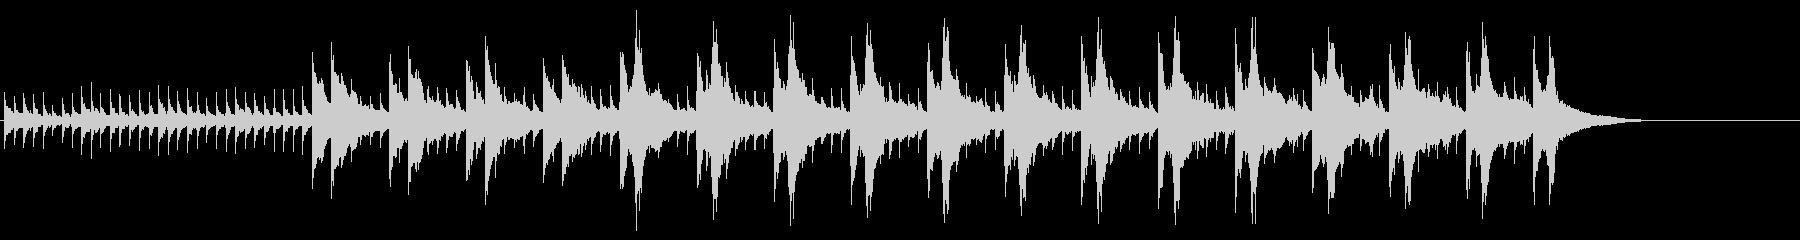 ミステリアス・サウンド(サイコチック)の未再生の波形